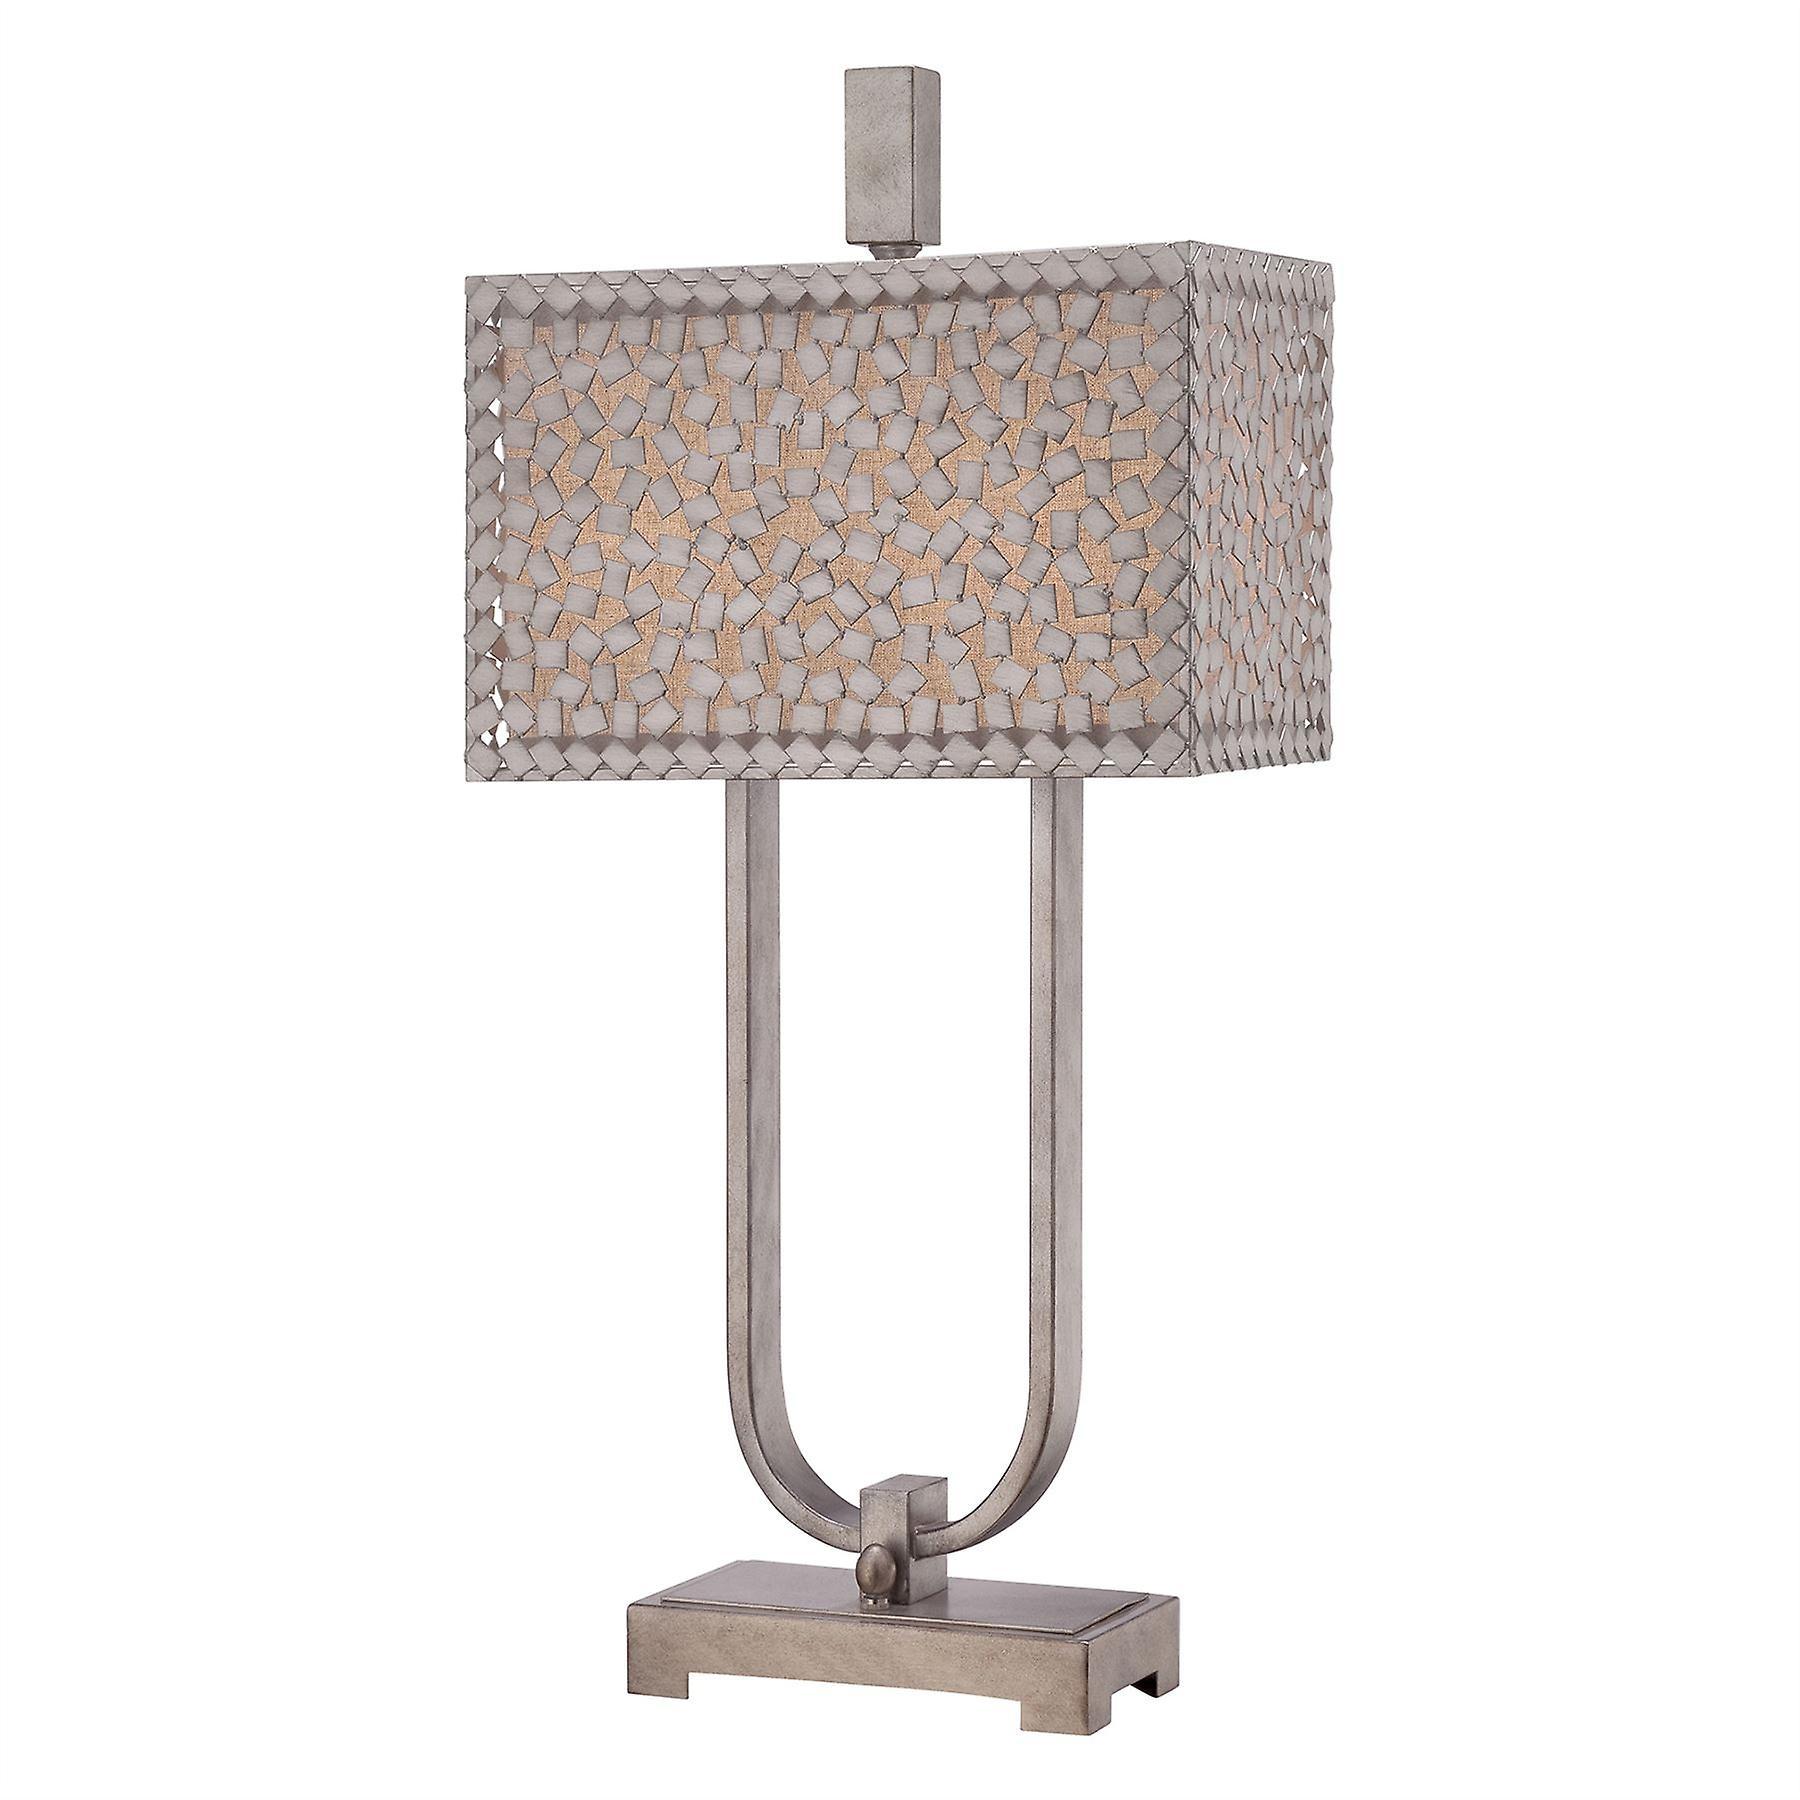 Confetti Desk Lamp - Elstead Lighting Qz   Confetti   QZ CONFETTI TL